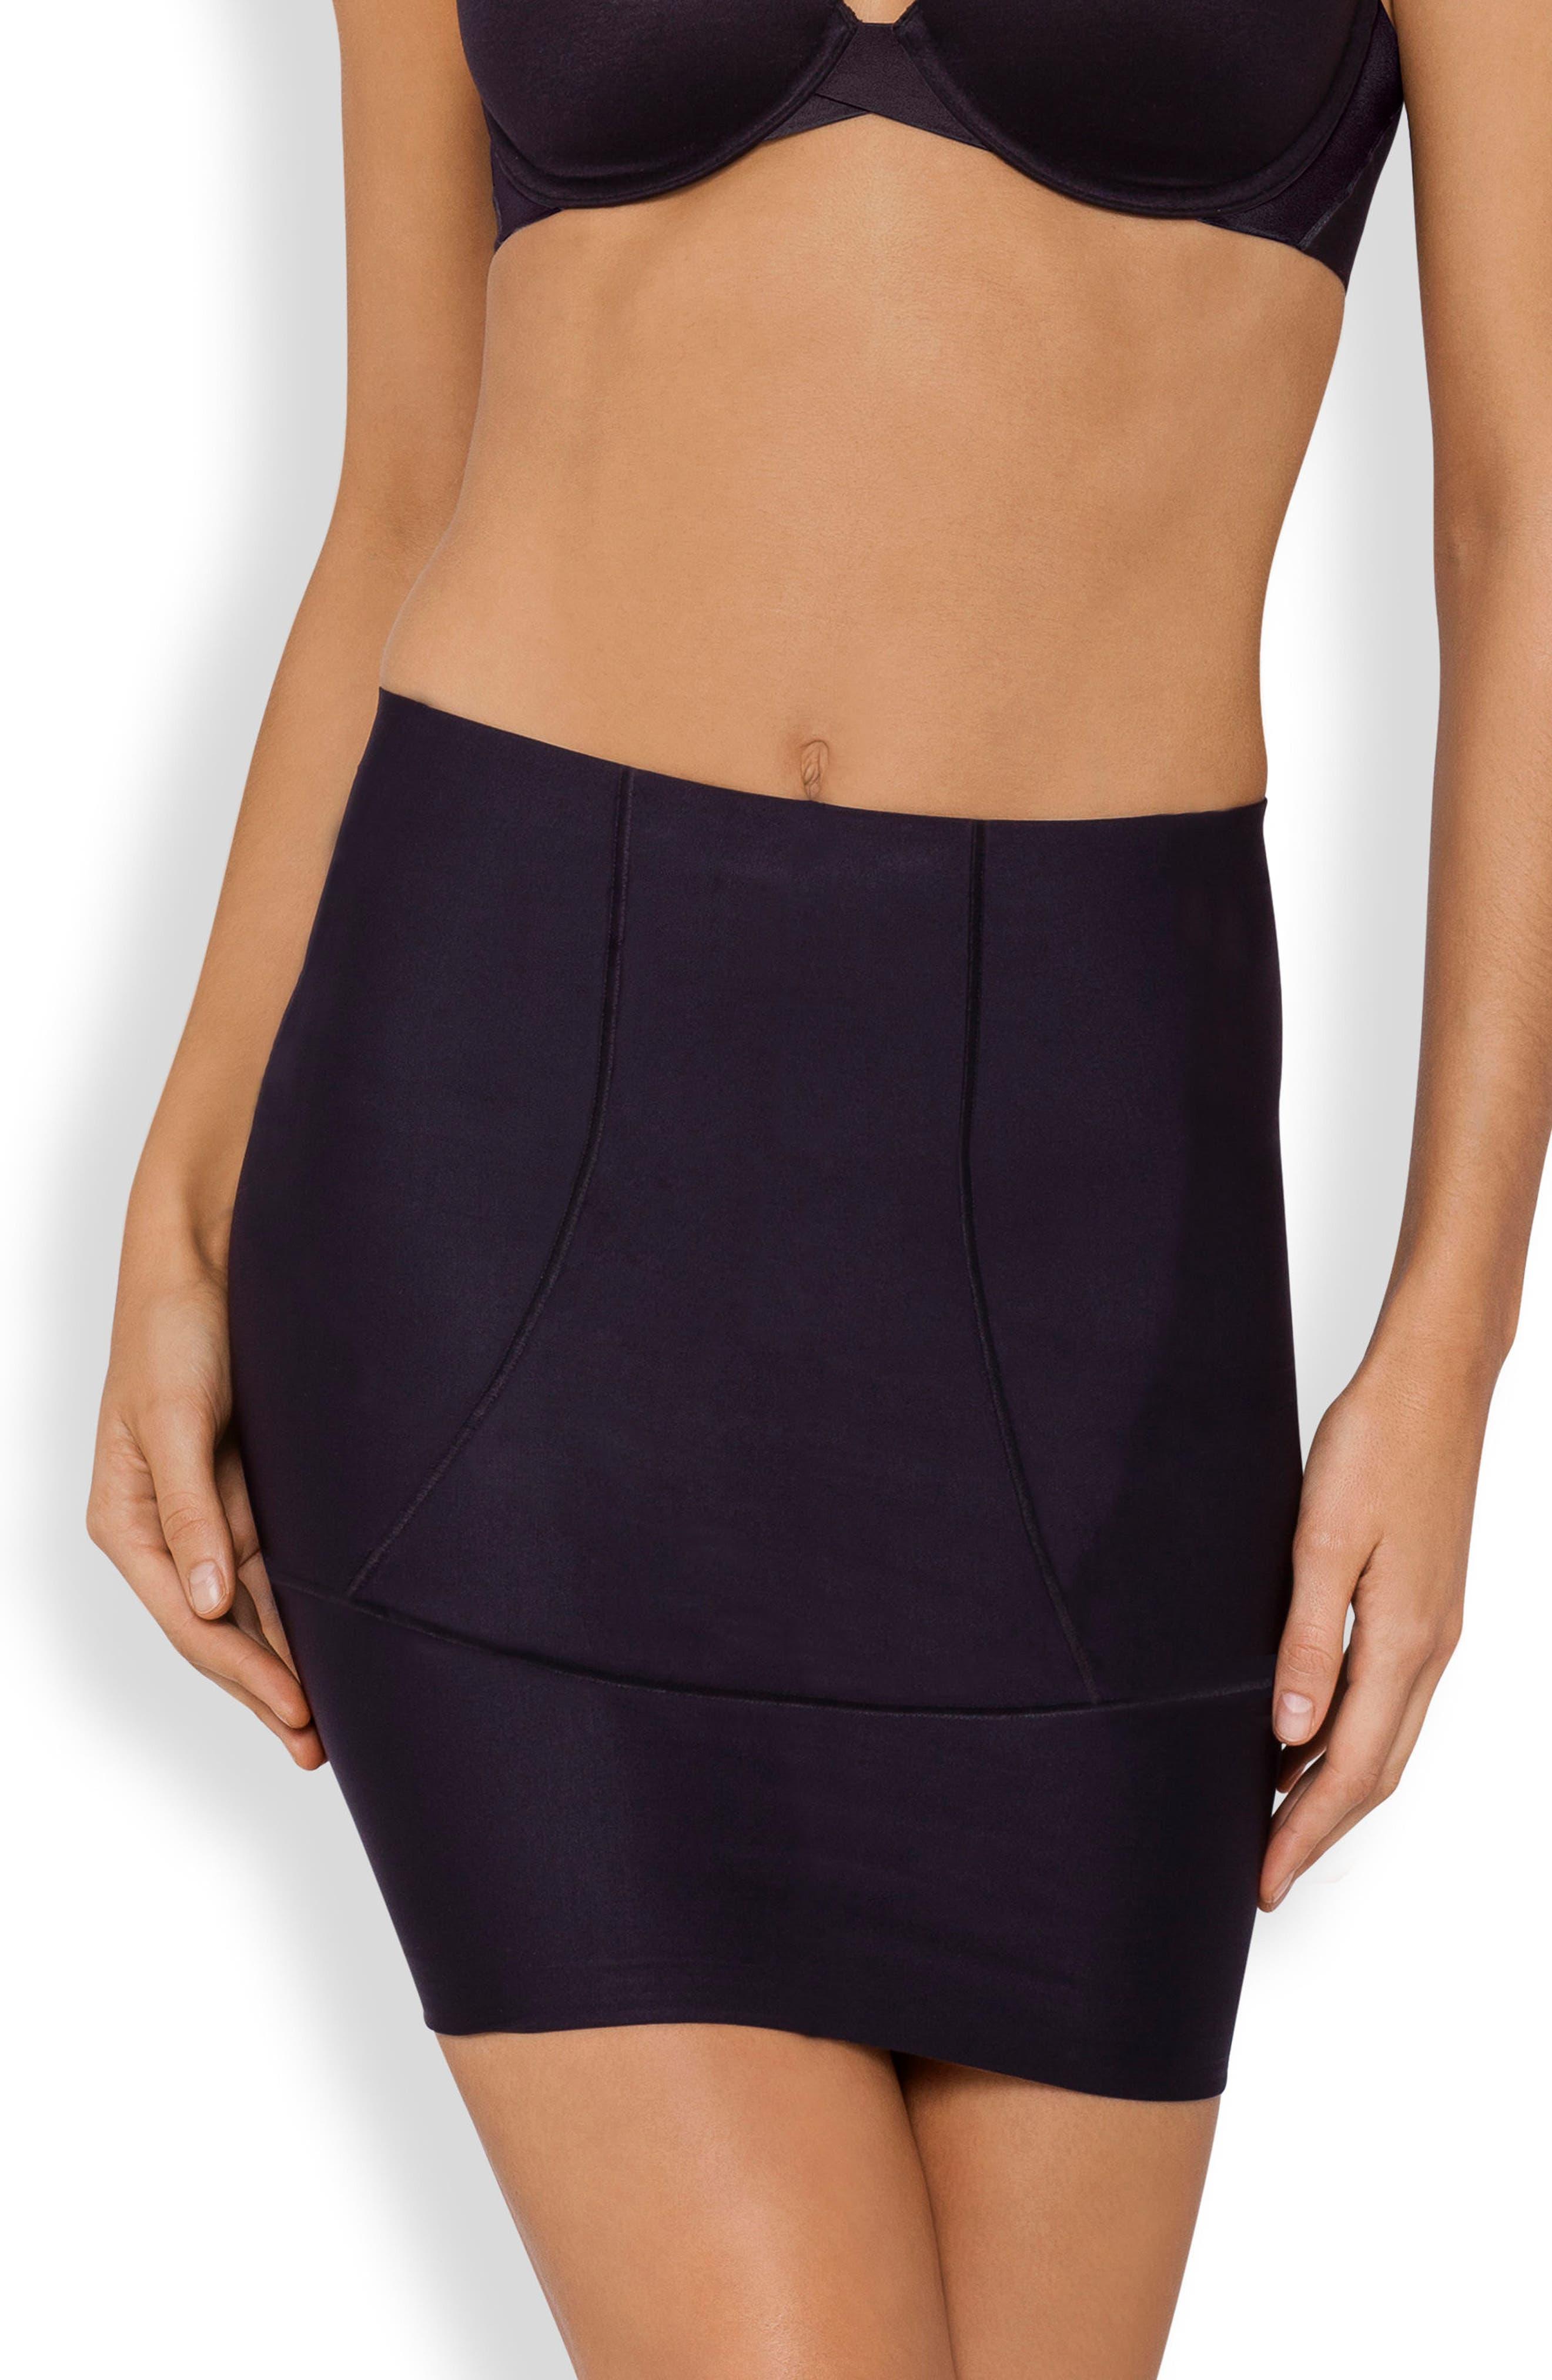 Body Architect Shaper Slip Skirt,                             Main thumbnail 1, color,                             BLACK